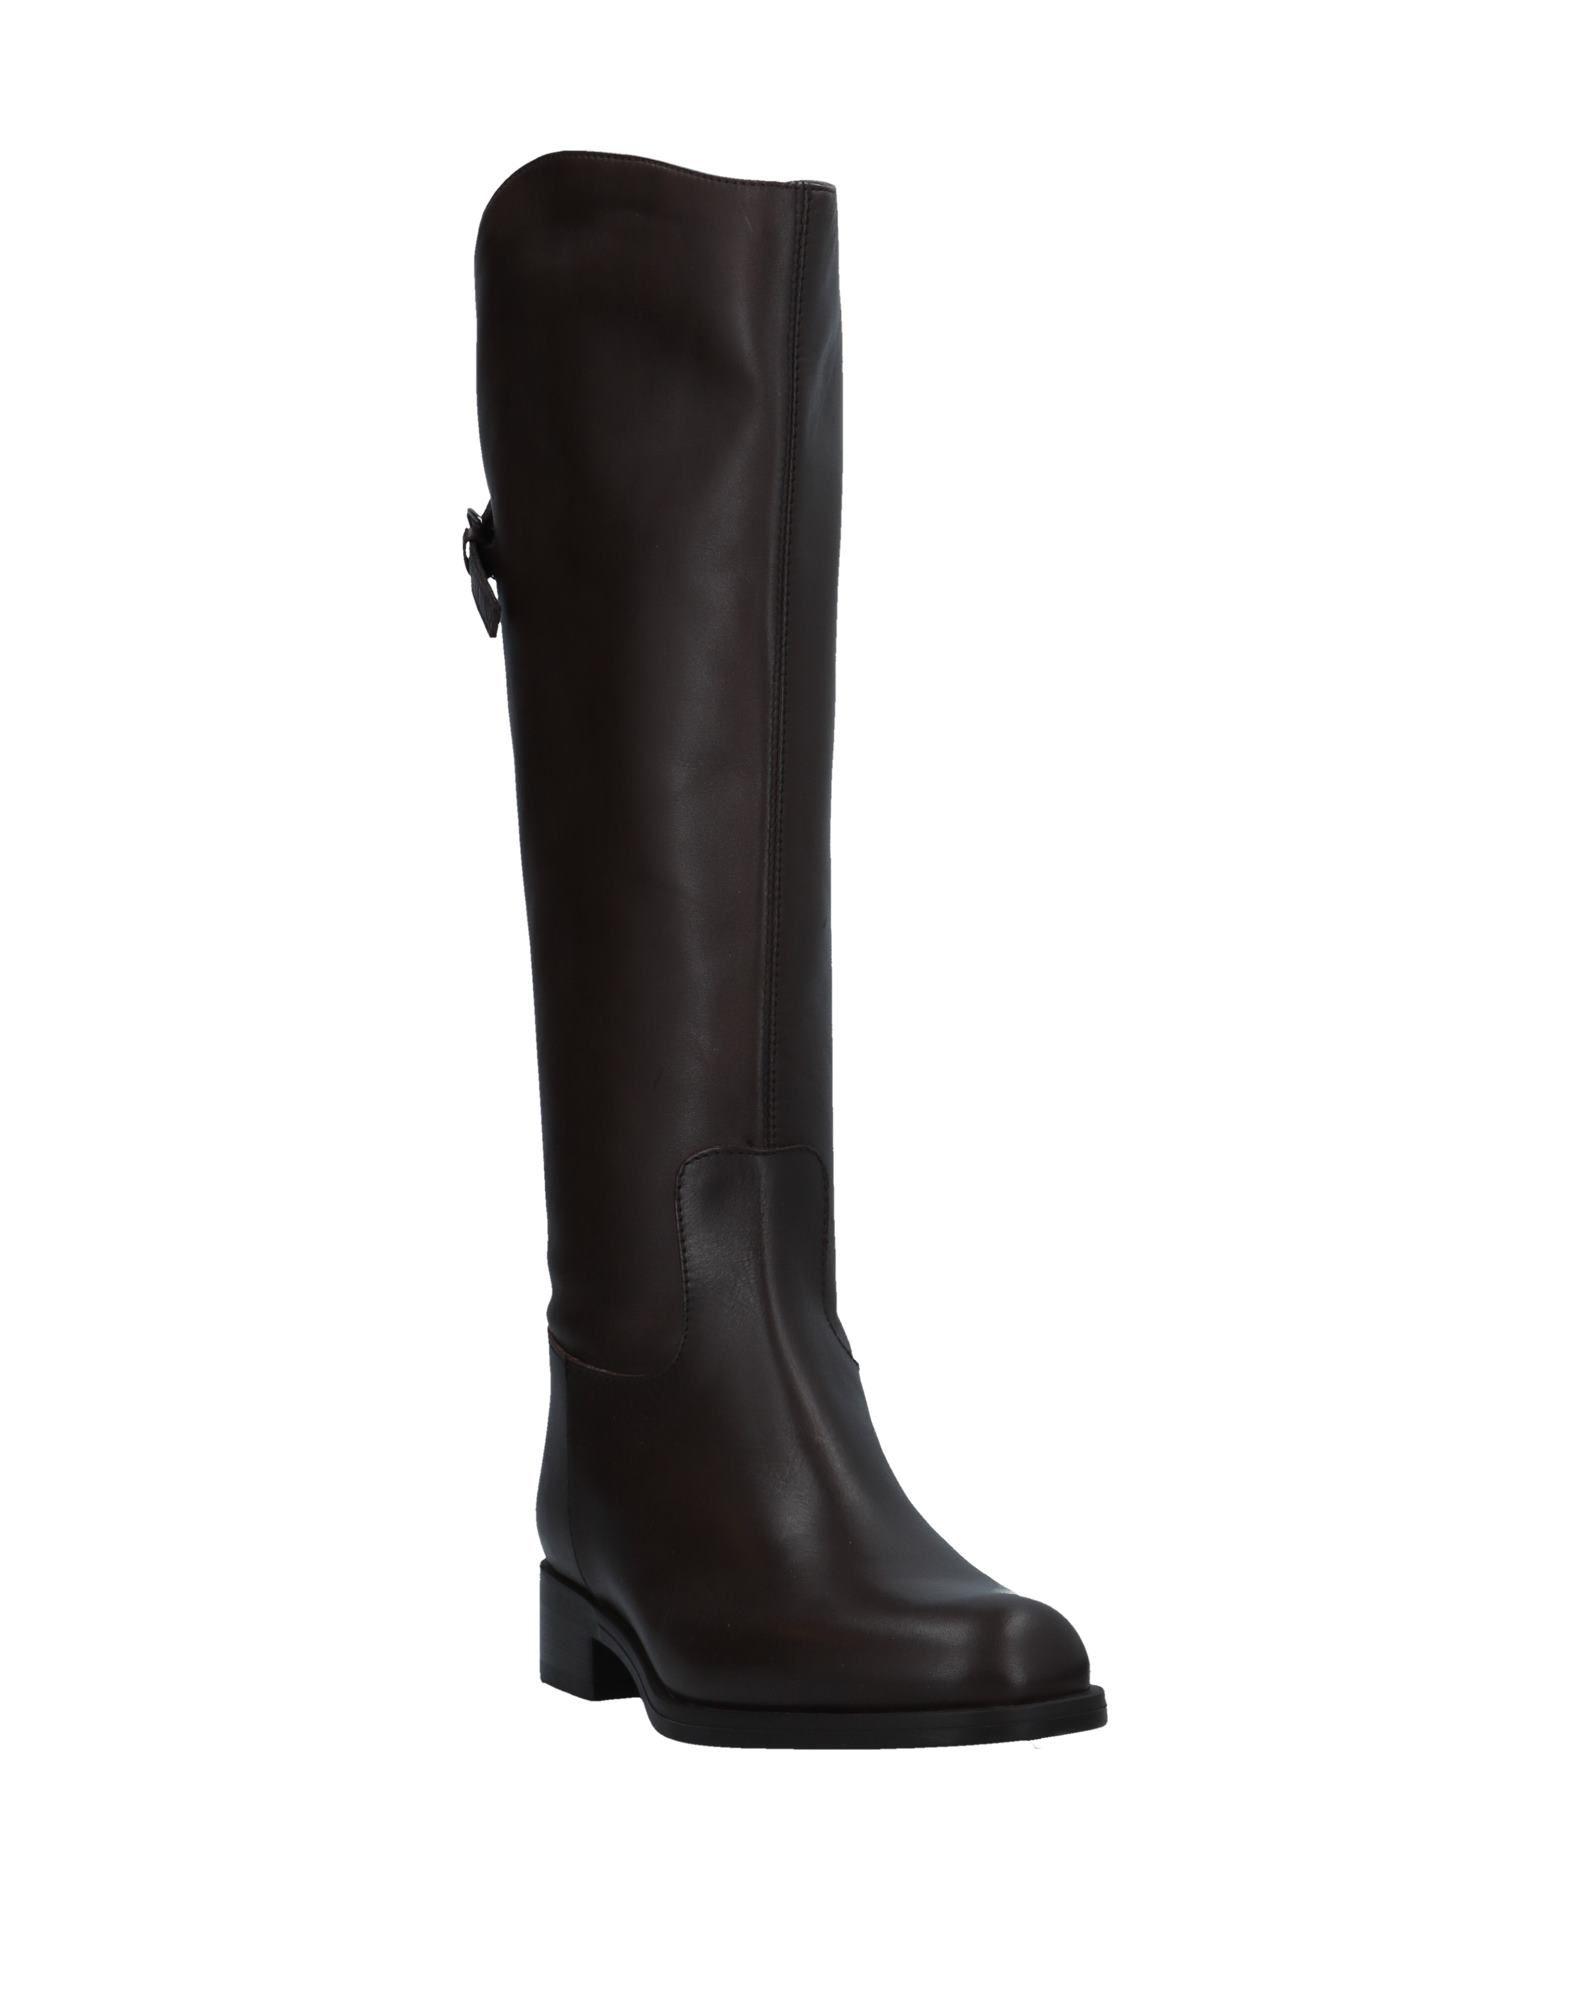 Eliana Bucci Stiefel Damen  beliebte 11532304UE Gute Qualität beliebte  Schuhe 9192ee